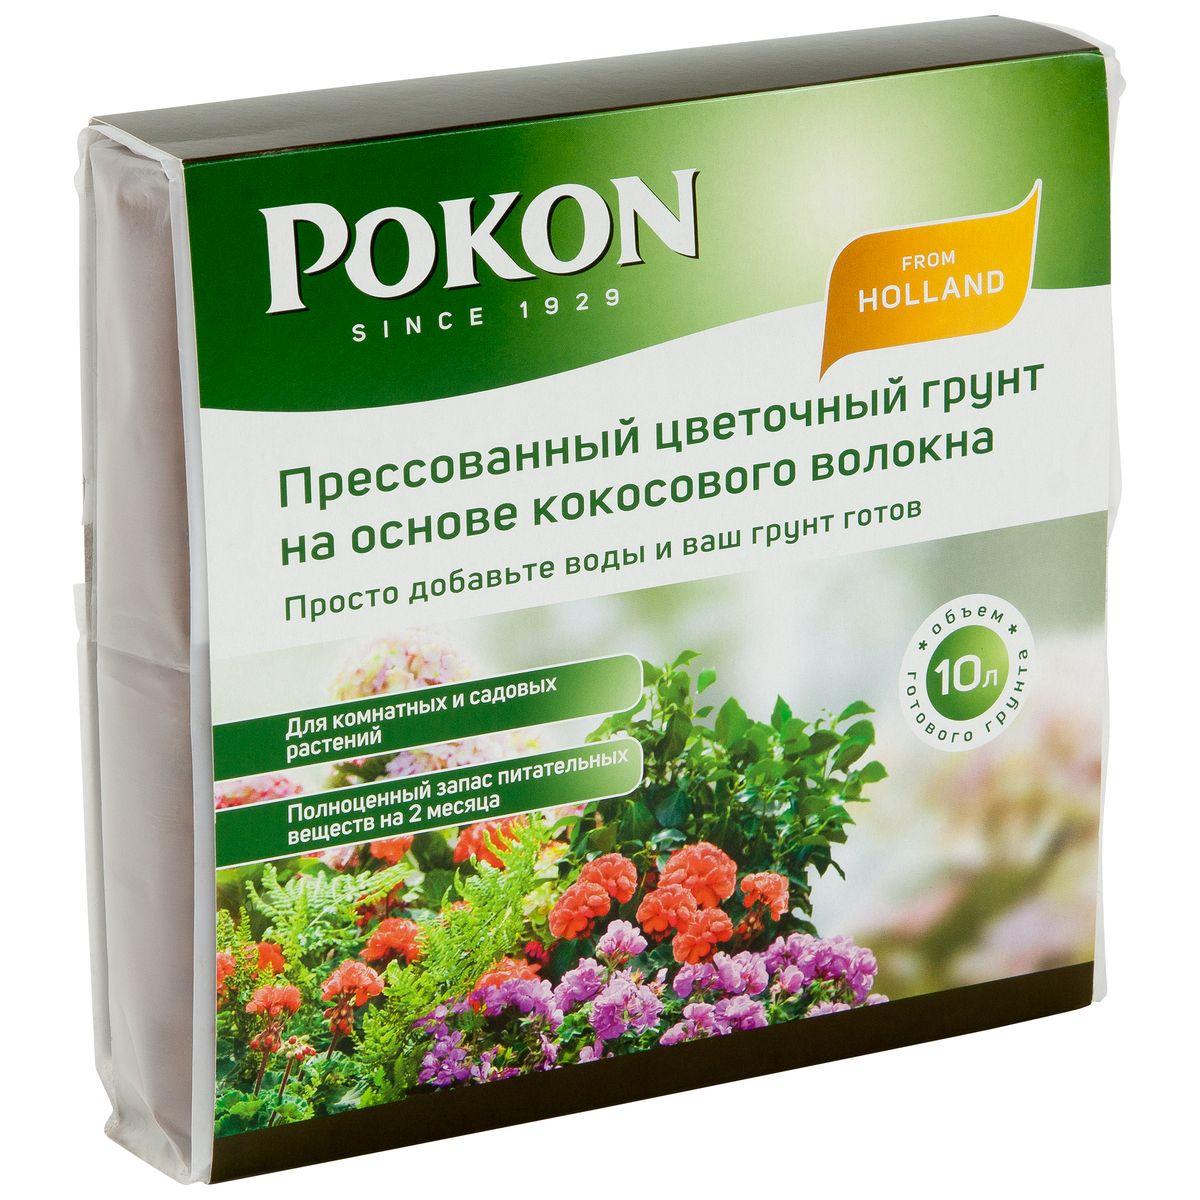 Прессованный цветочный грунт Pokon на основе кокосового волокна, 650 г09840-20.000.00Прессованный цветочный грунт Pokon на основе кокосового волокна:Горшечный грунт Pokon состоит из кокосового волокна. Это на 100% натуральная, экологически чистая прессованная смесь с запасом питательных веществ для горшечных растений на 2 месяца. В грунте нет никаких сорняков. Он идеален для горшечных растений. Пористая структура кокосового волокна, хорошо пропускающая воздух, позволяет корням быстро развиваться, а ваши руки всегда остаются чистыми.Инструкция по применению- Откройте упаковку, добавьте 3 л воды.- Через несколько минут грунт готов к использованию.- Положите на дно горшка слой гидрогранул Pokon.- Поверх гидрогранул насыпьте слой грунта.- Посадите растение в горшок, предварительно увлажнив корни, если они высохли.- Досыпьте грунт, оставив для полива не менее 2 см до верха горшка.- Слегка утрамбуйте грунт.- Обильно полейте.Состав:Размягчаемая в воде прессованная масса из компостированного волокна мягких частей скорлупы кокоса c добавлением удобрения (NPK 20 + 20 + 20).Грунт соответствует нормам ЕС.